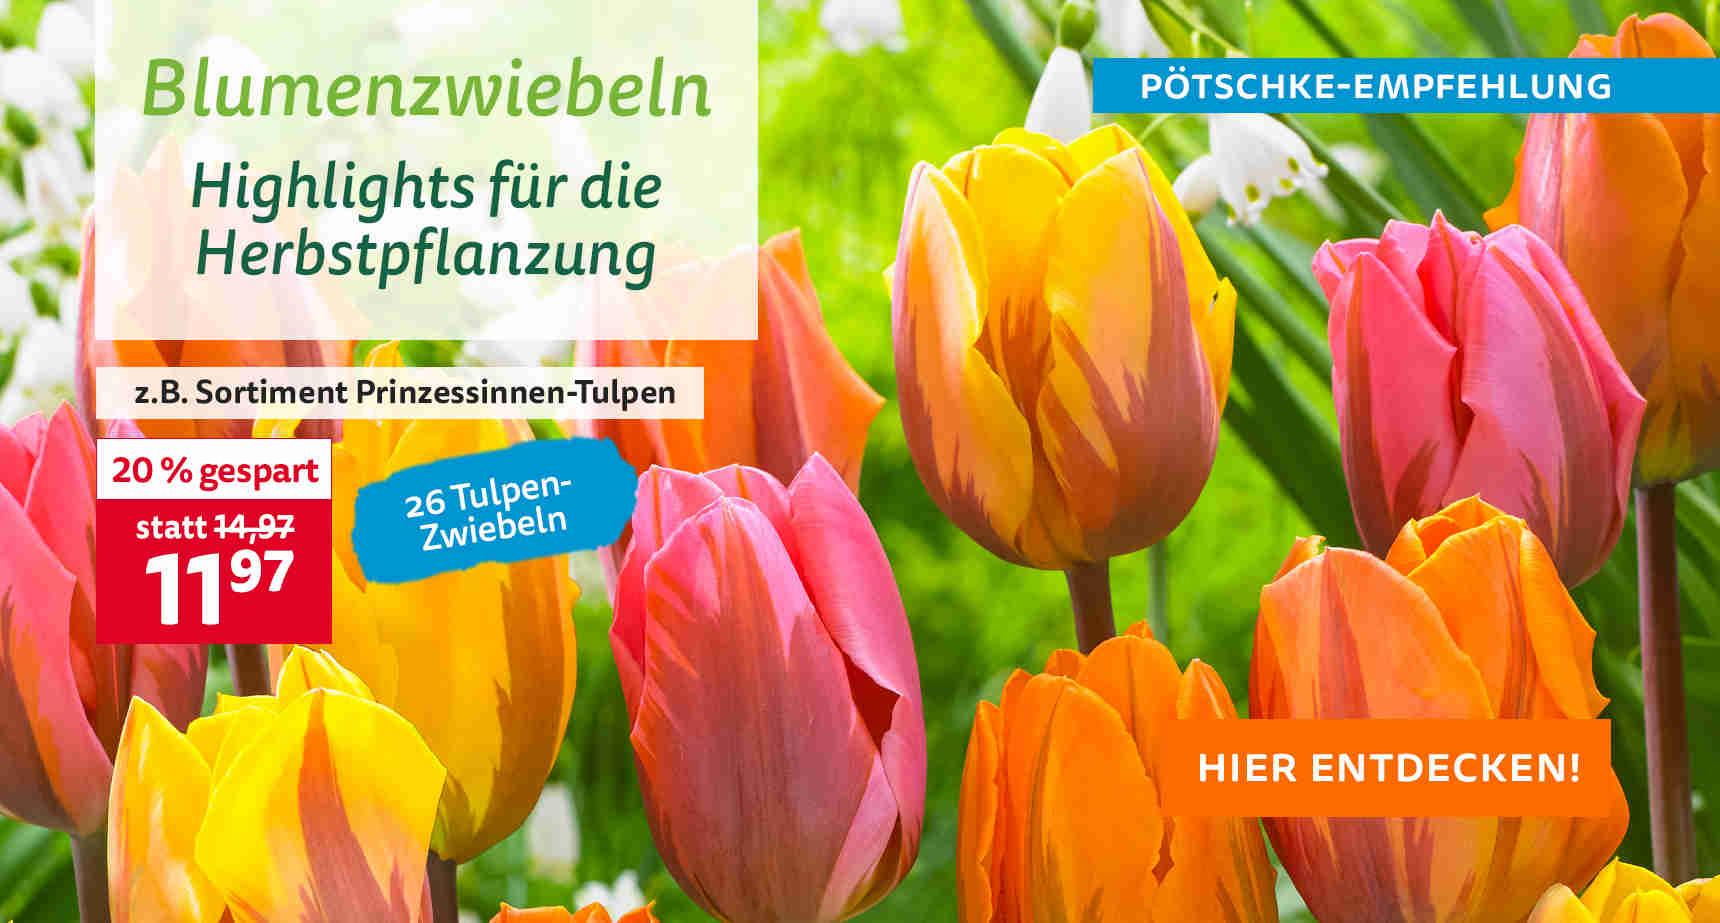 +++ (1) Blumenzwiebeln +++ - 3